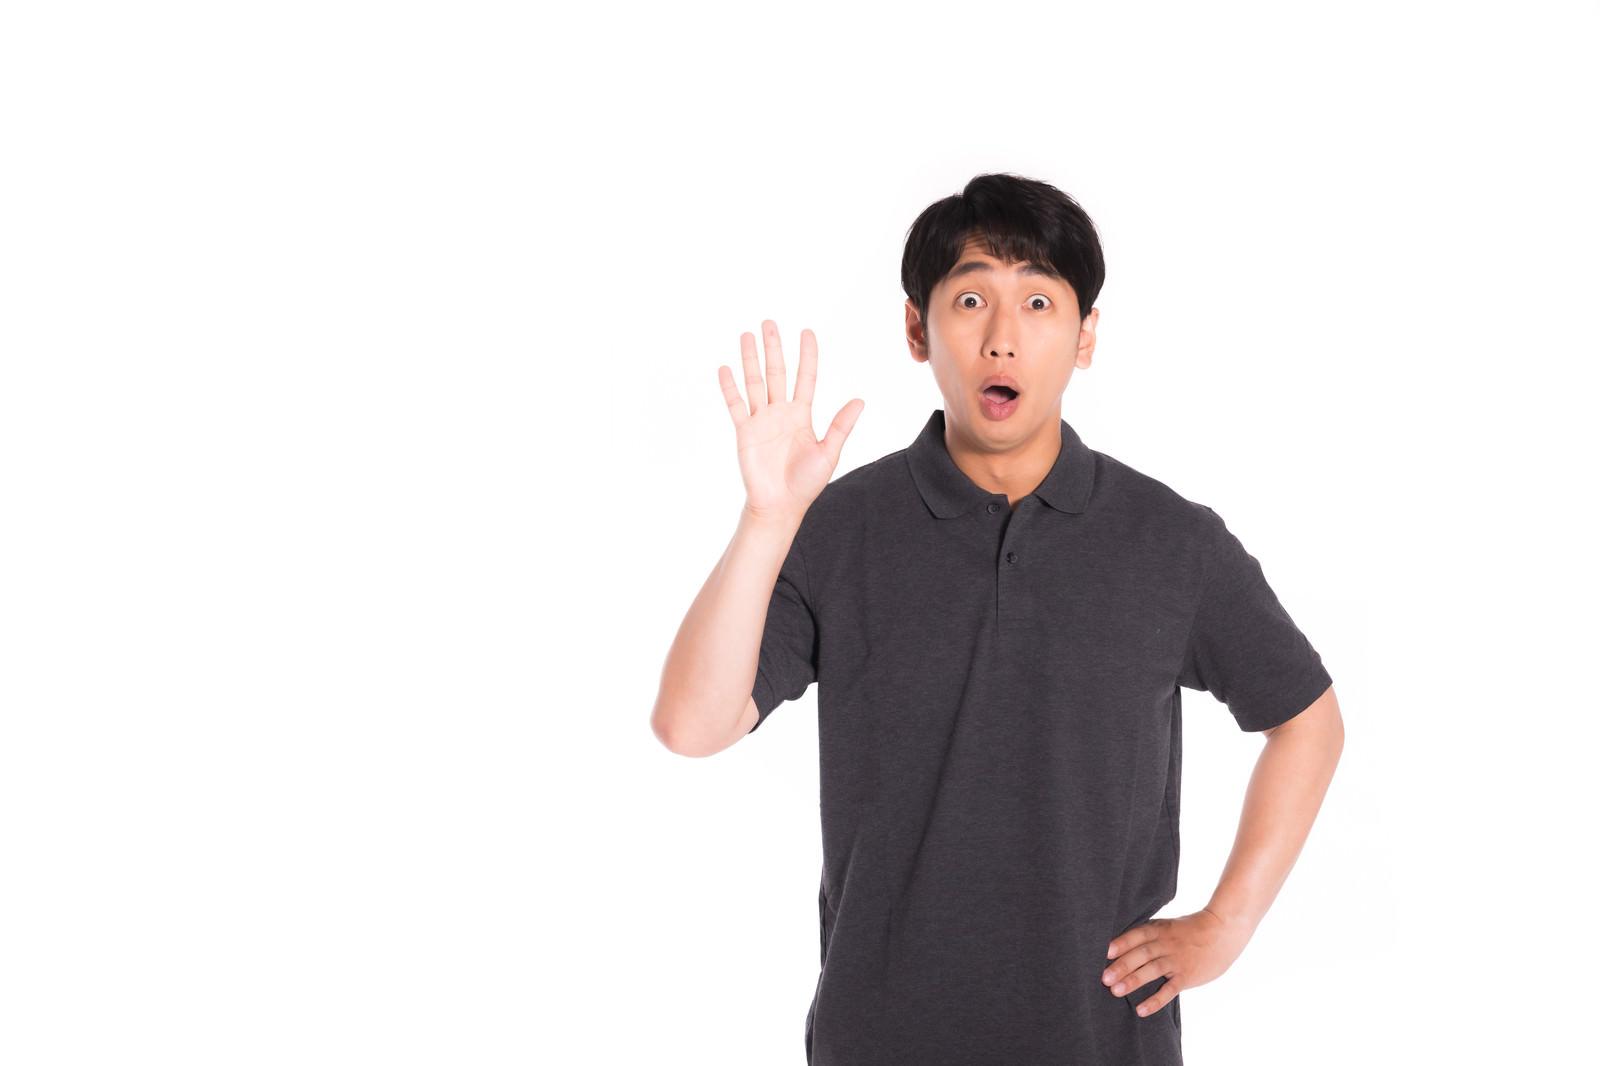 「突然の再会に驚く男性」の写真[モデル:大川竜弥]